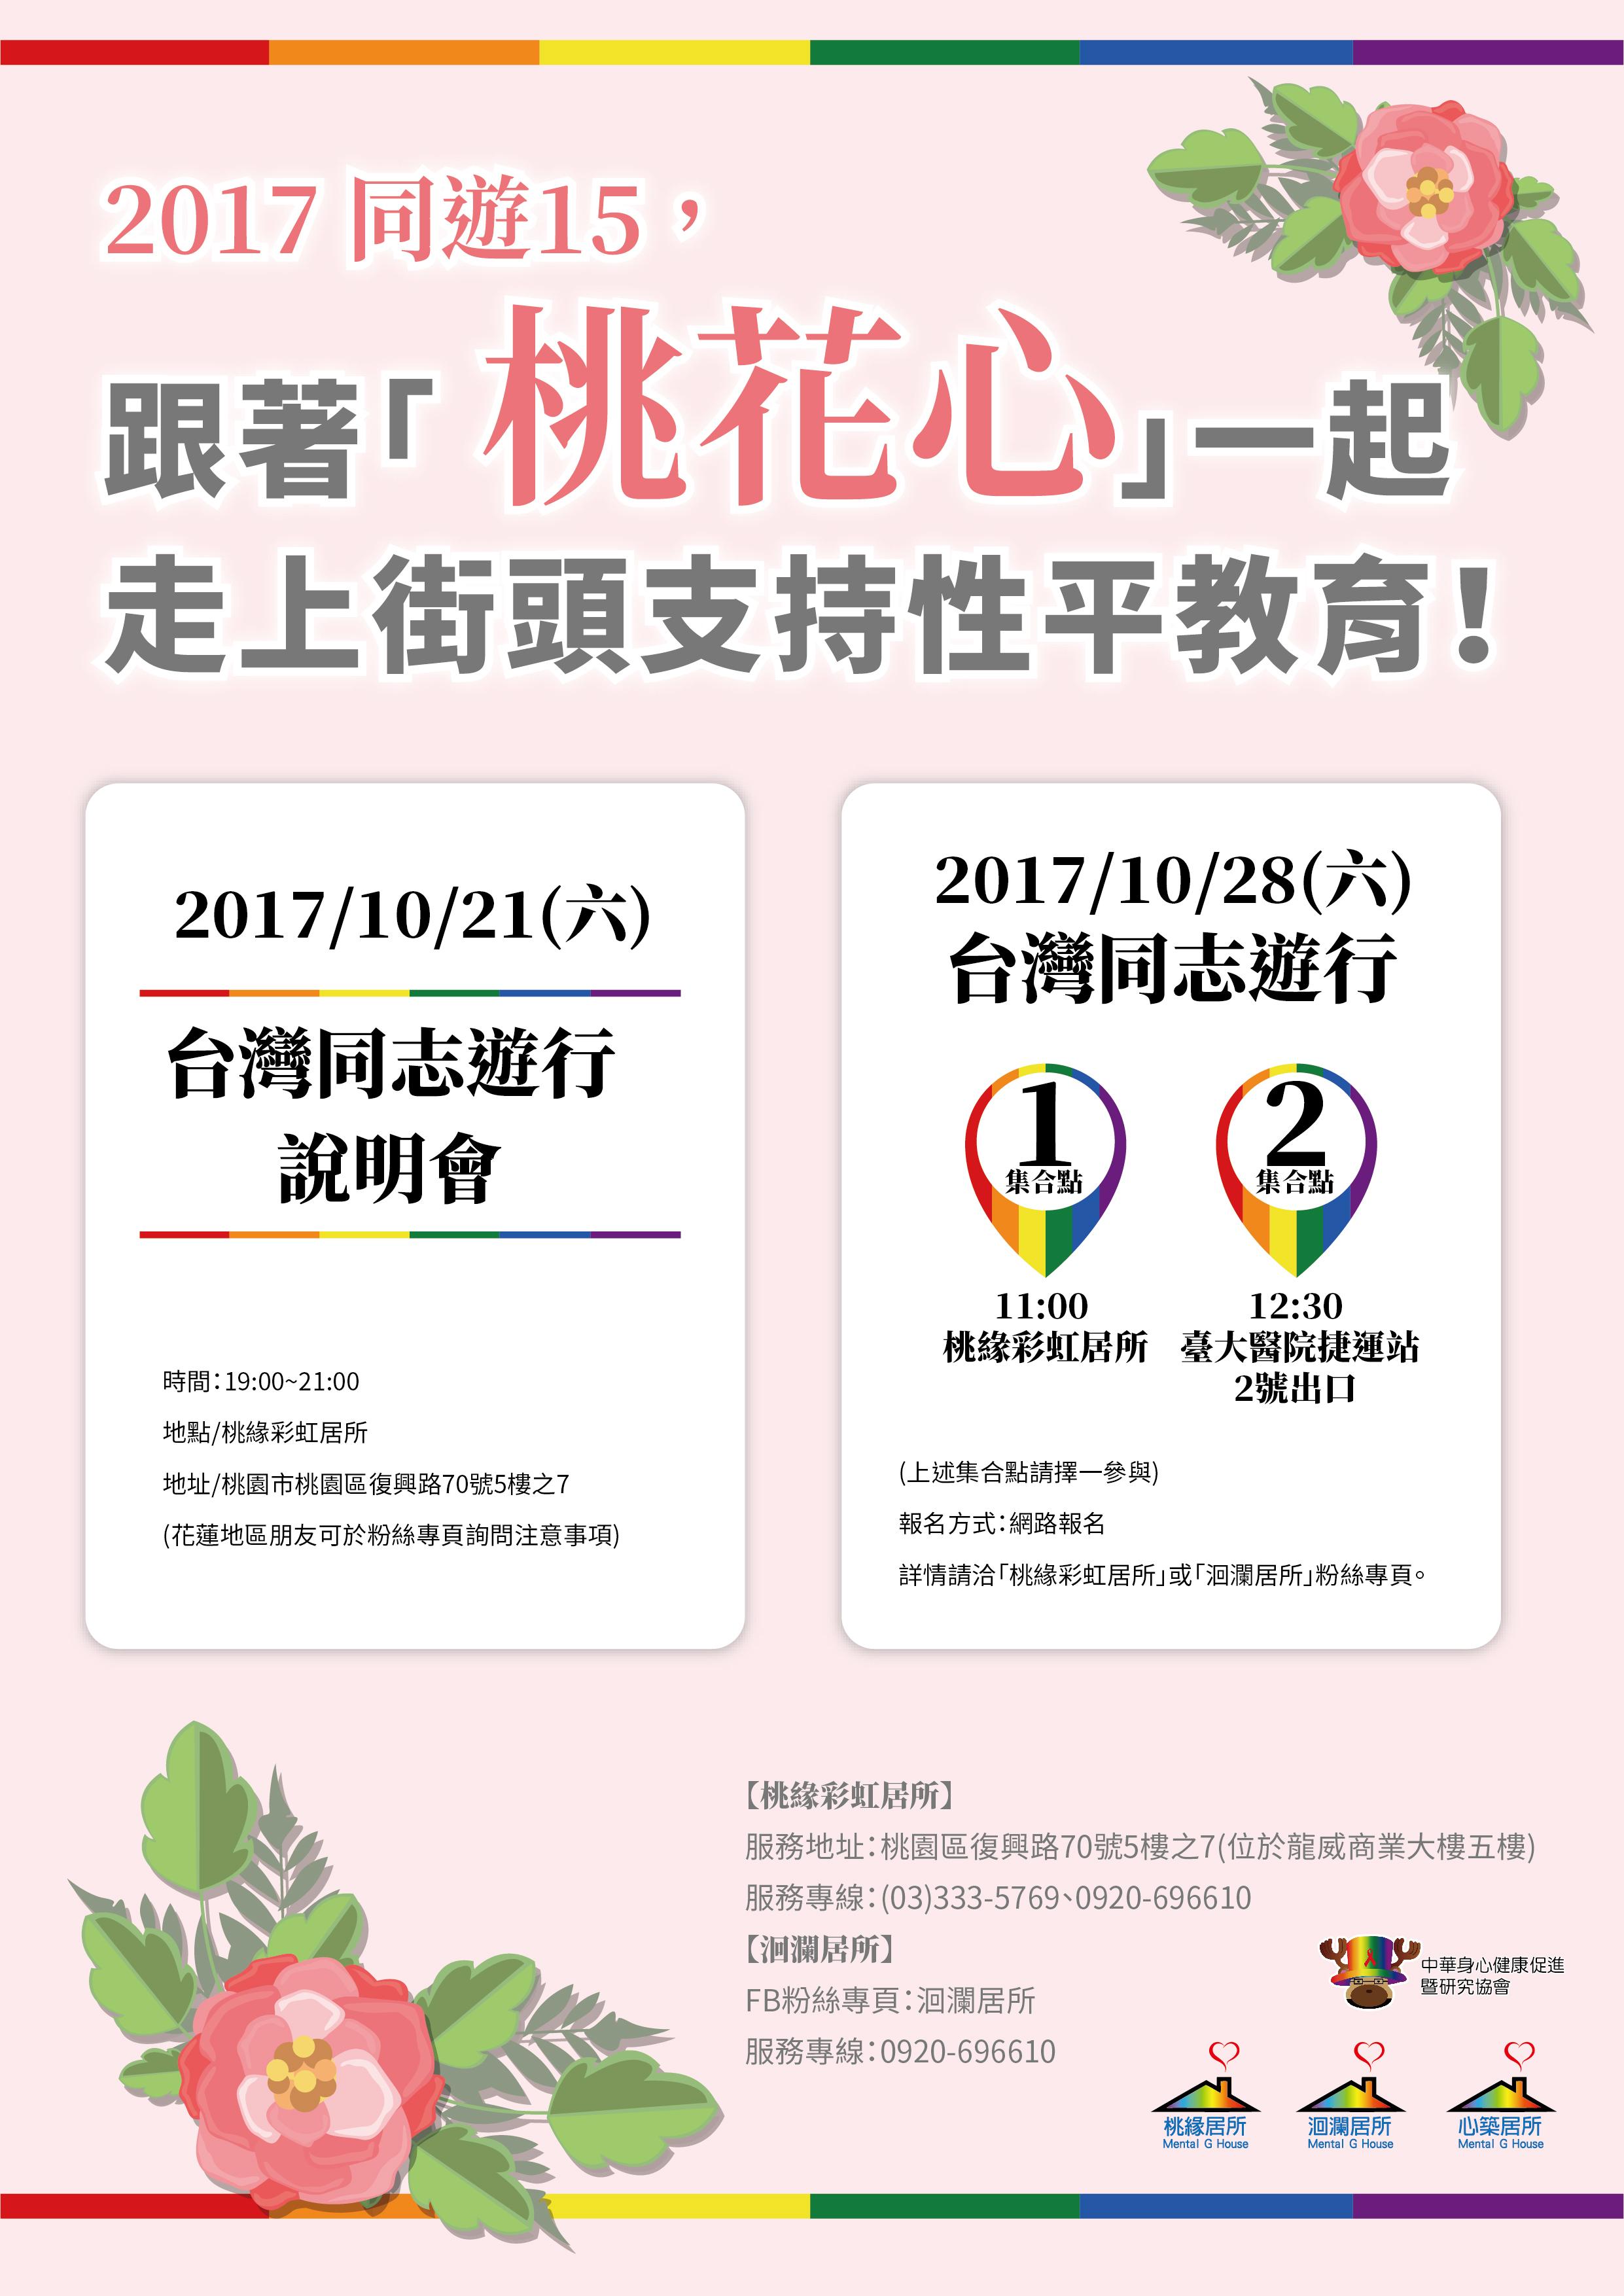 【活動揪團】同遊15,跟著「桃花心」一起走上街頭支持性平教育!